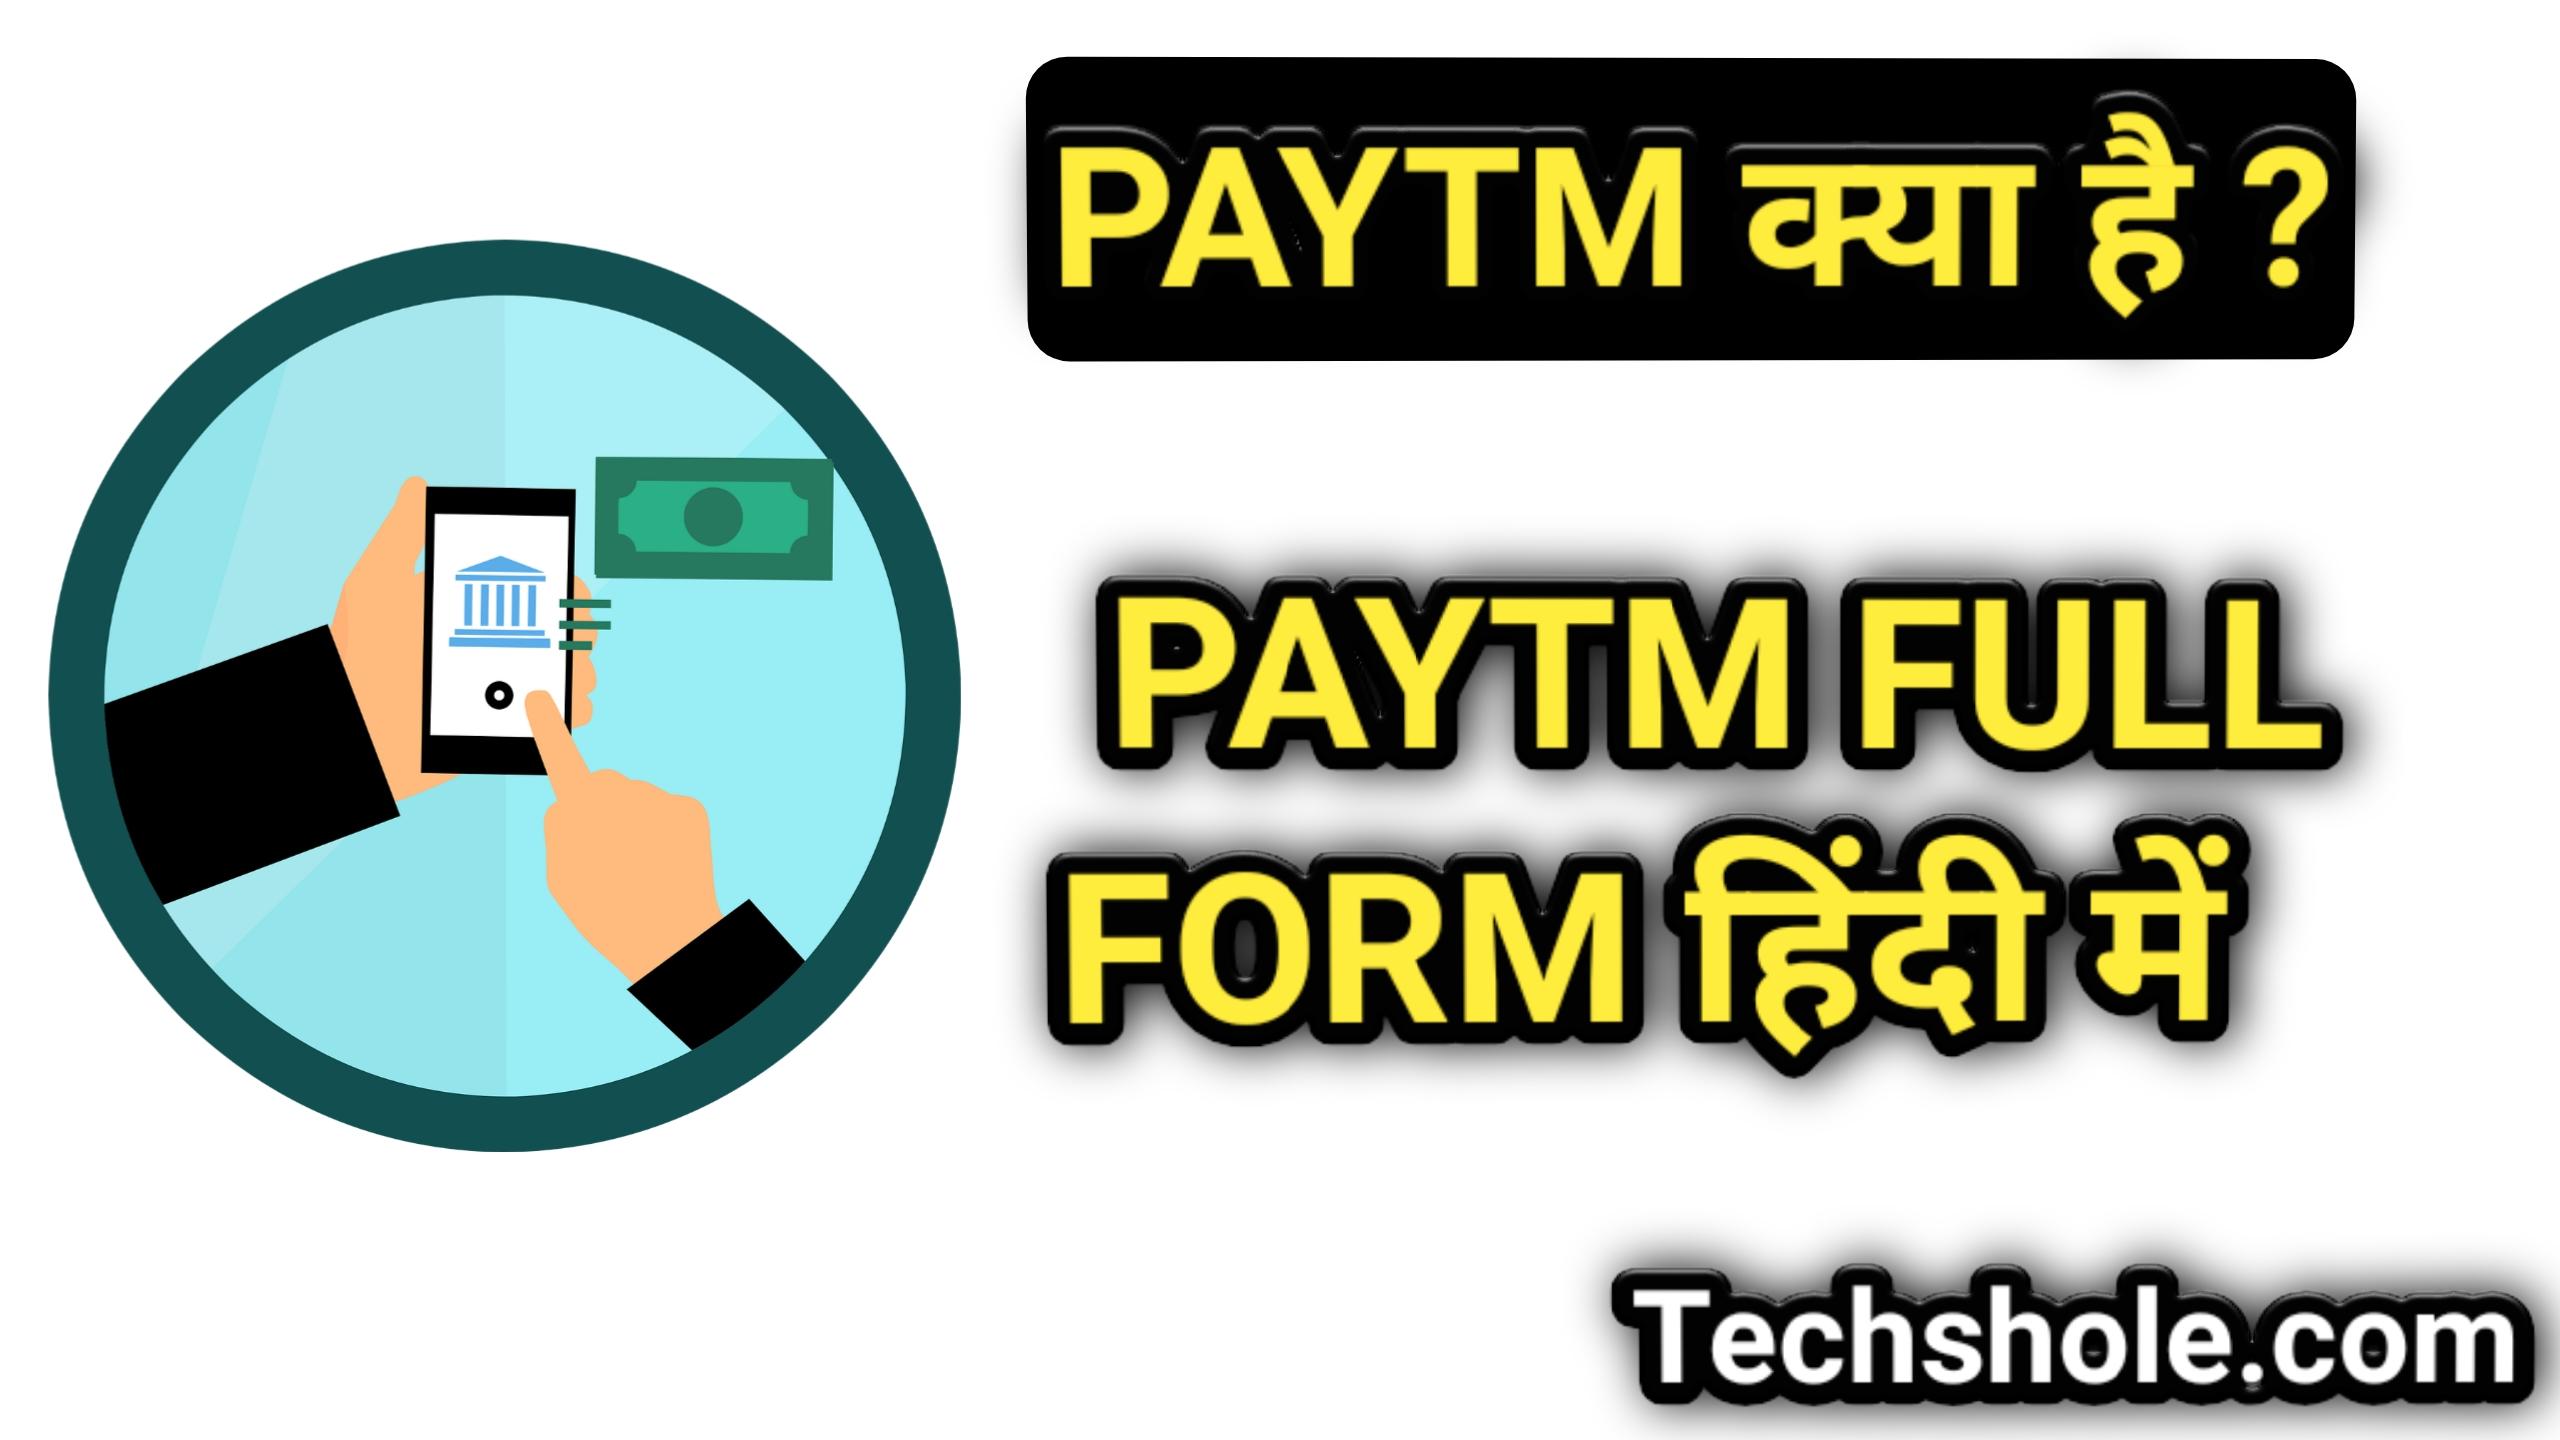 Paytm Full Form   पेटीएम का full form क्या है? हिंदी में